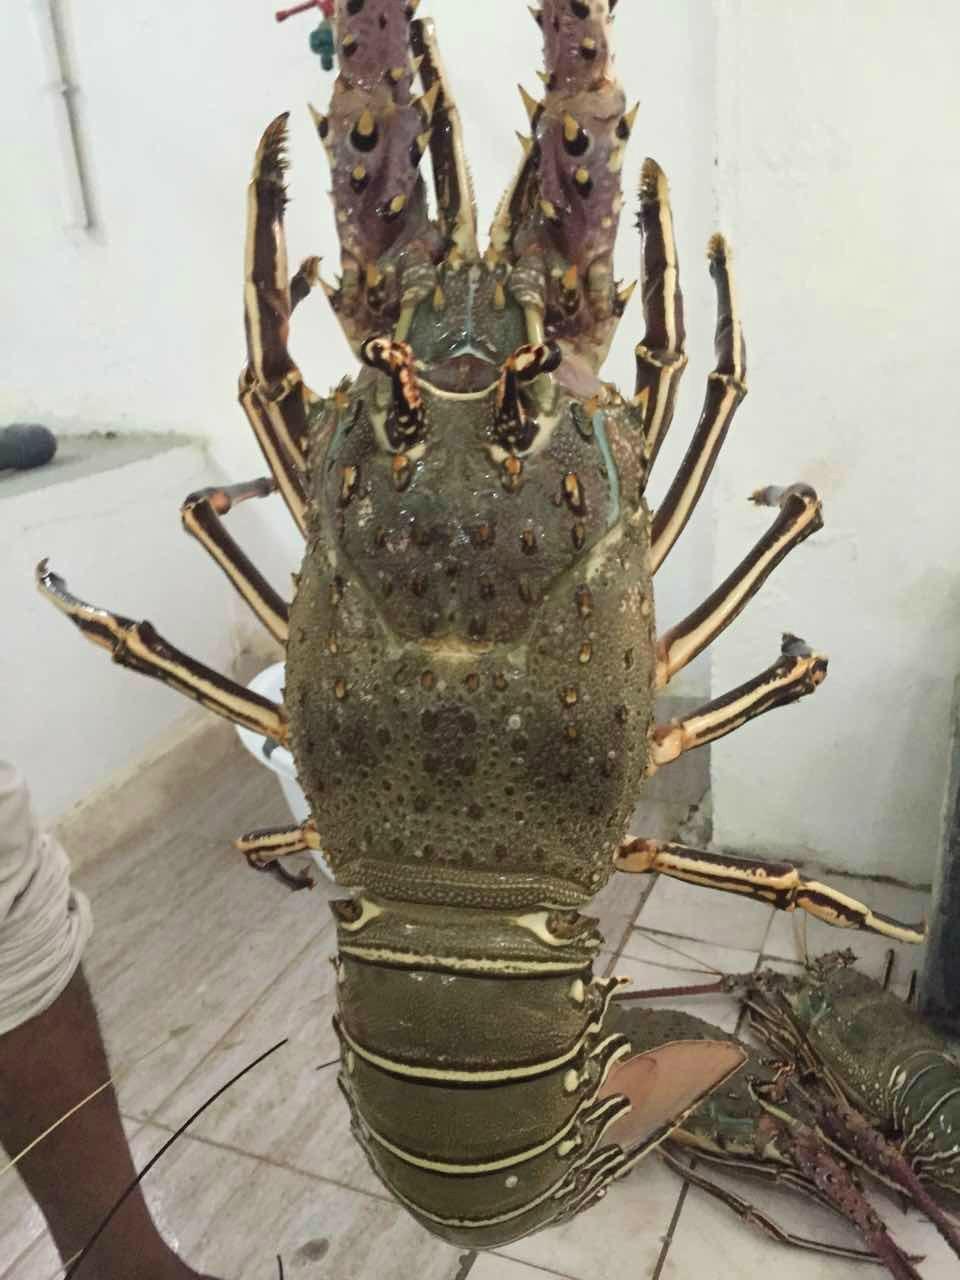 Wild sea dragon live shrimp oil supply (China Trading Company